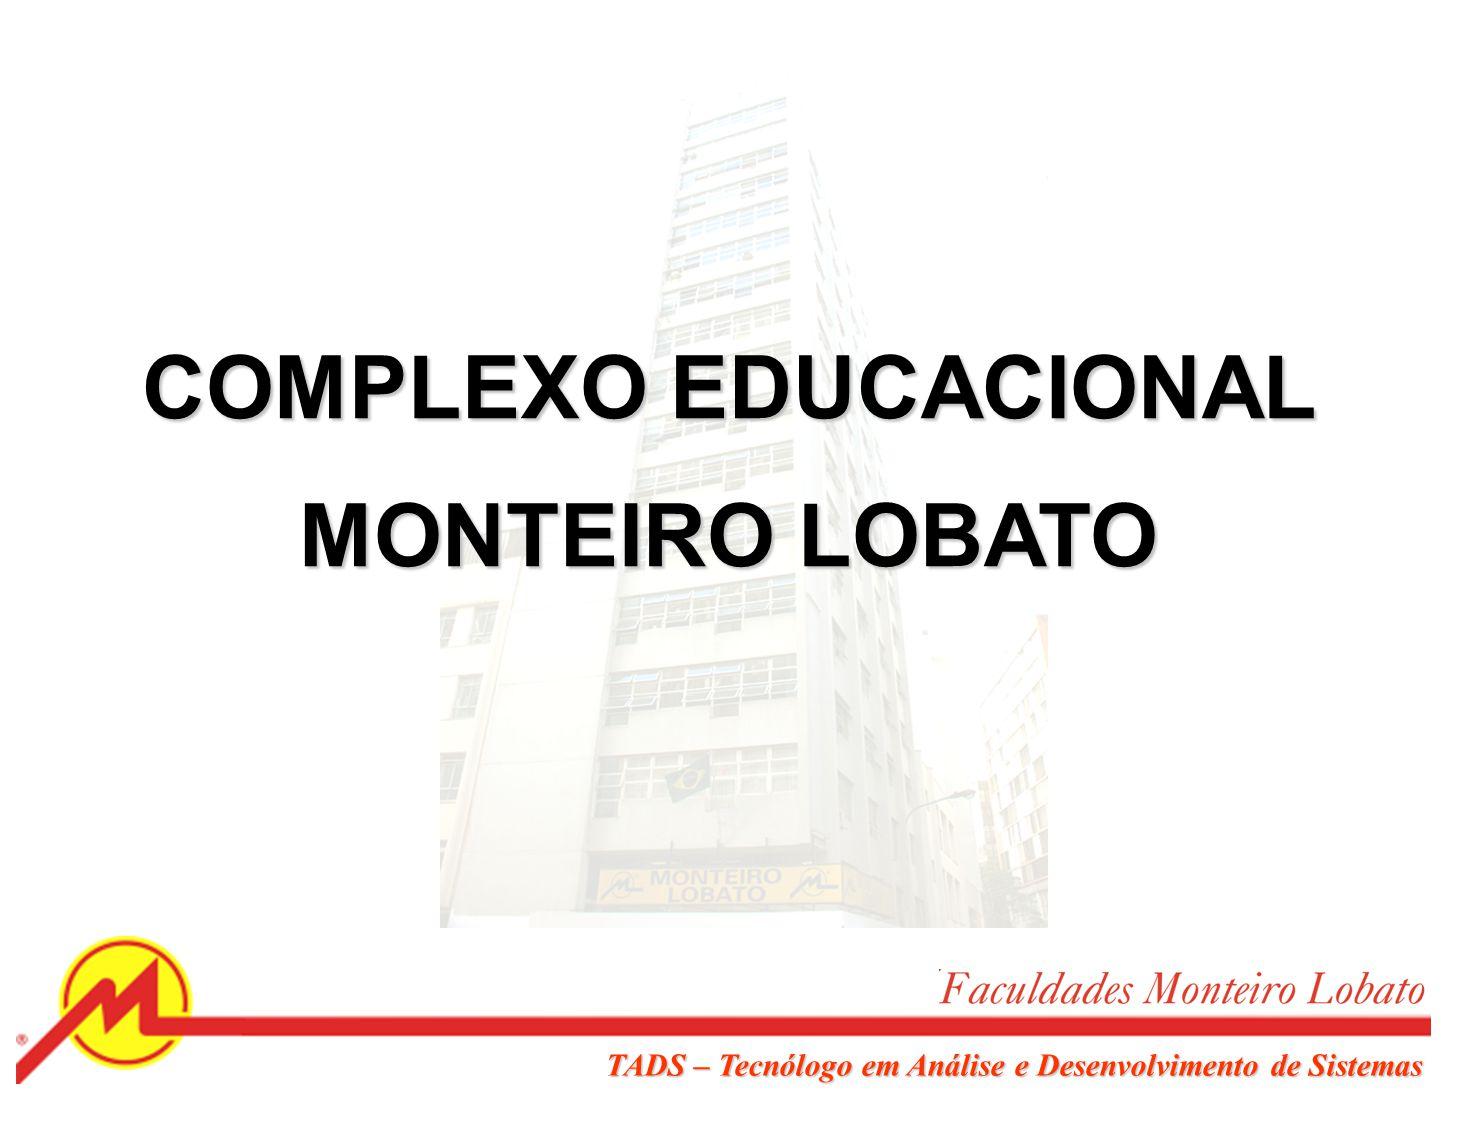 Tecnólogo em Análise e Desenvolvimento de Sistemas http://www.monteirolobato.edu.br